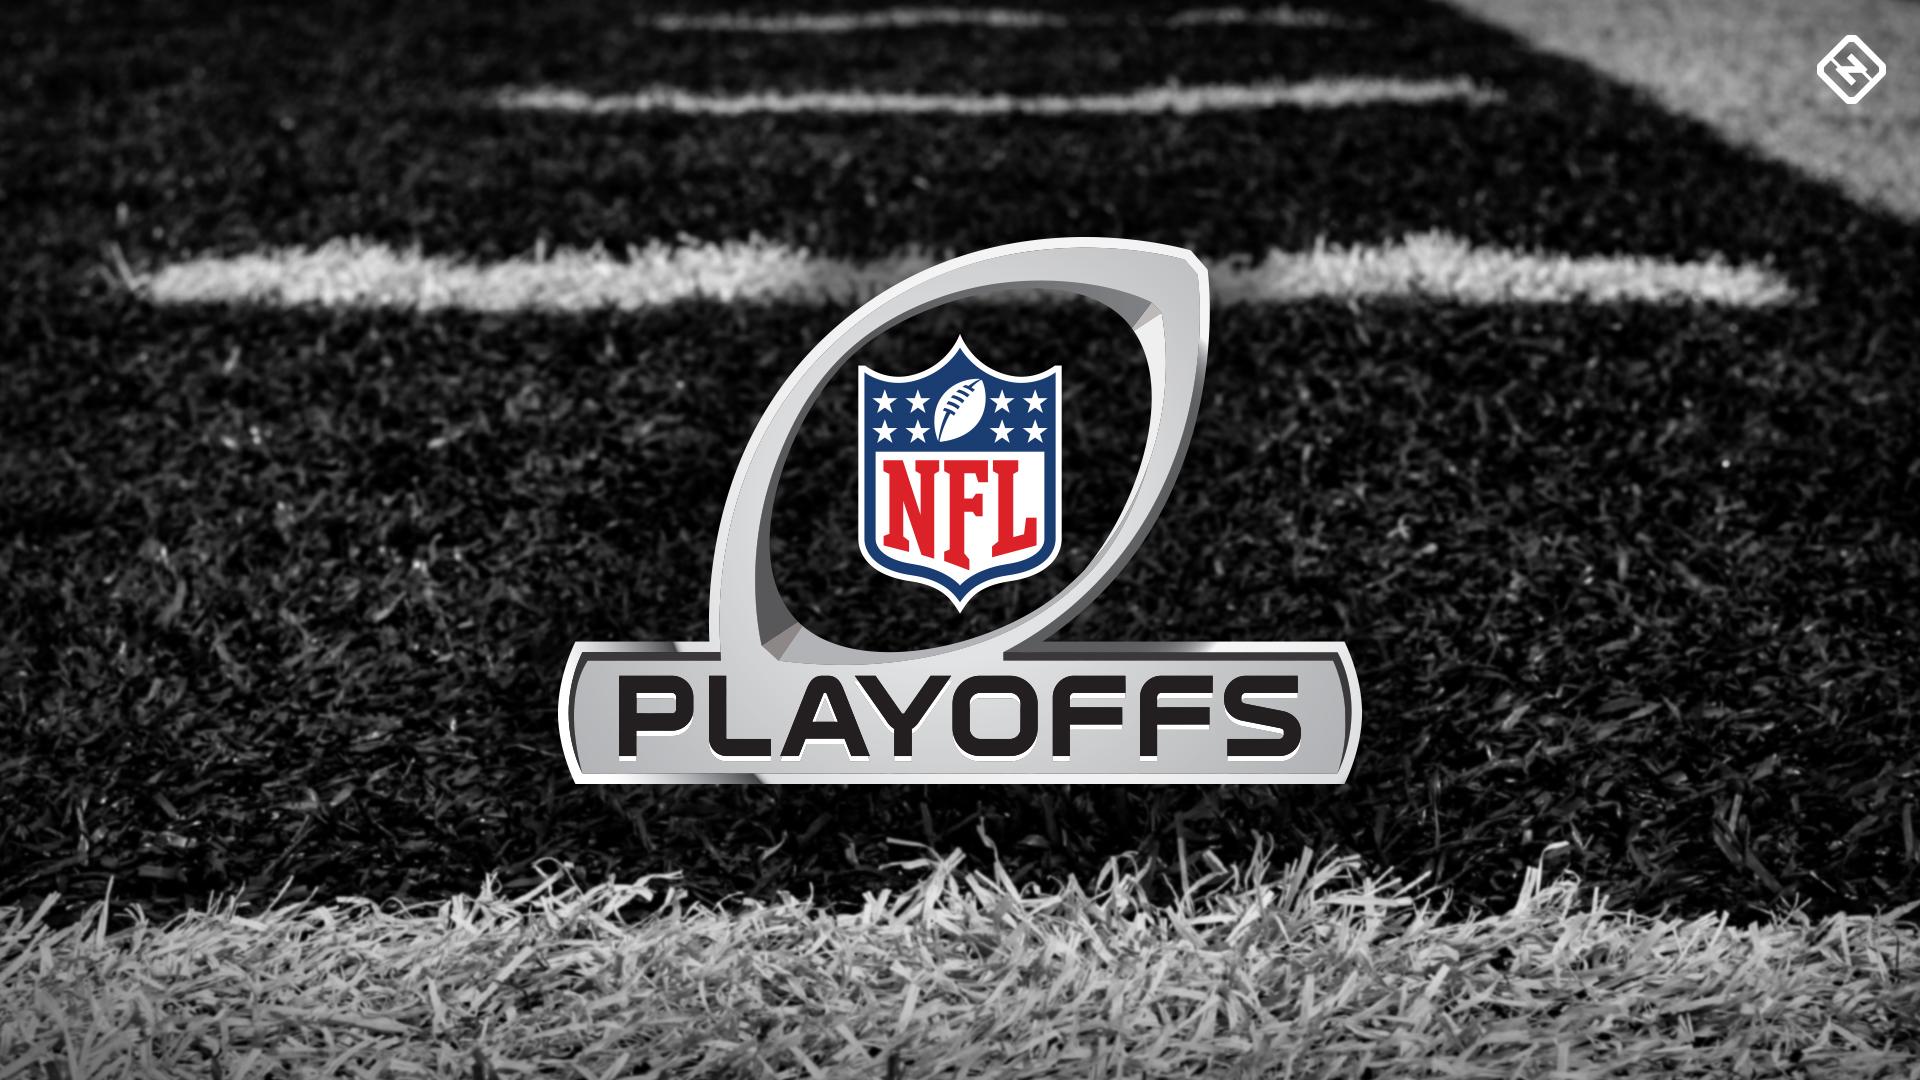 Nfl Playoff Bracket 2020 Full Schedule Tv Channels Scores